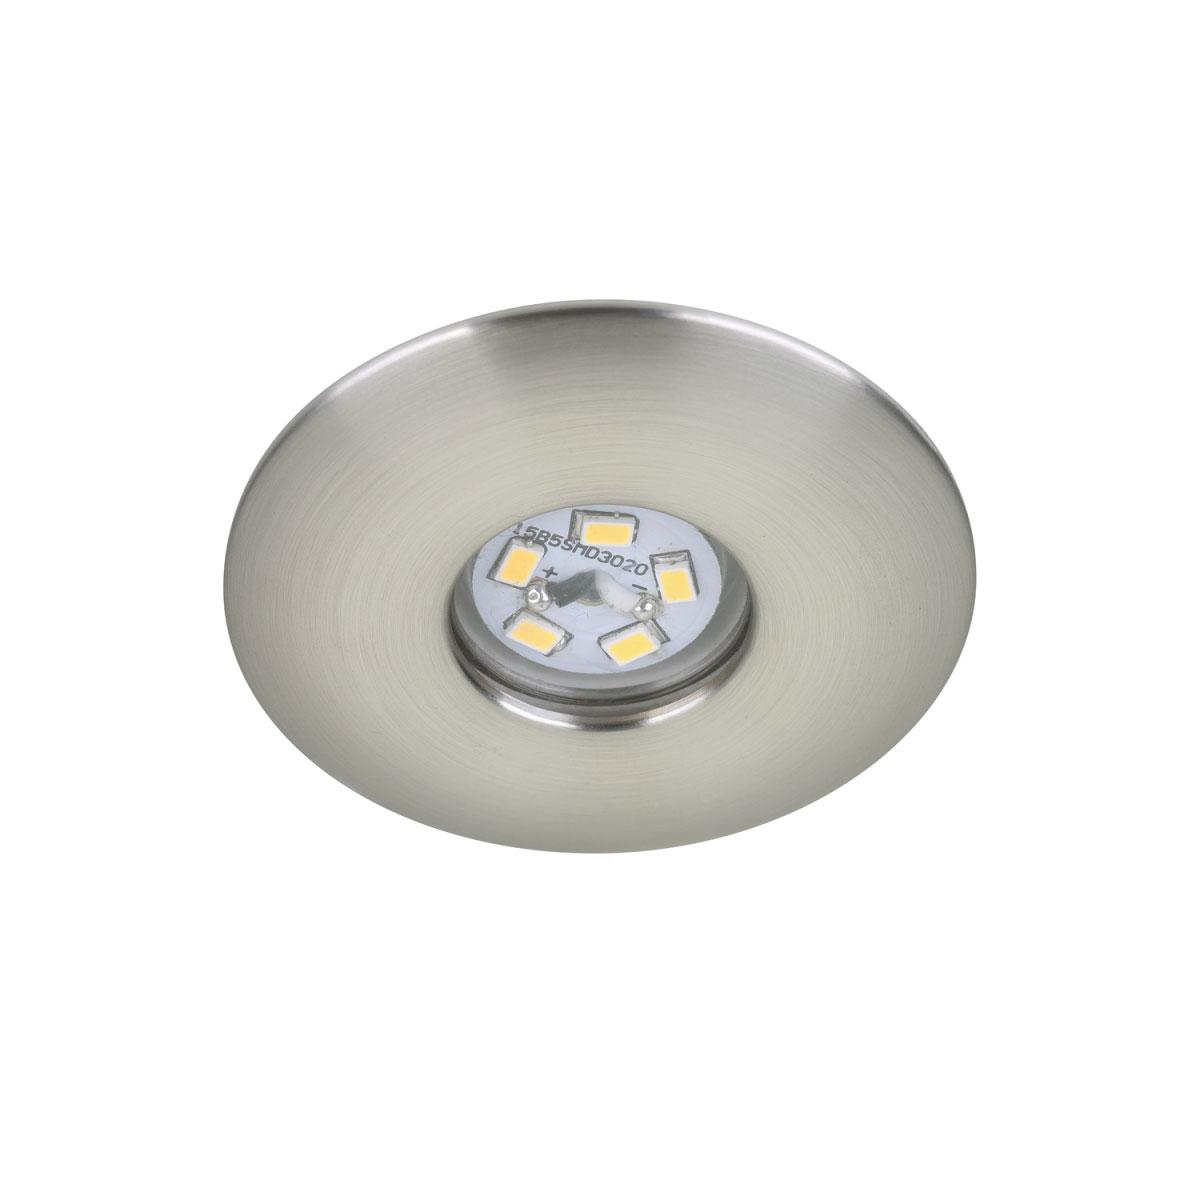 Deckenleuchten - LED Einbauleuchte, matt, 1,8W  - Onlineshop Hellweg